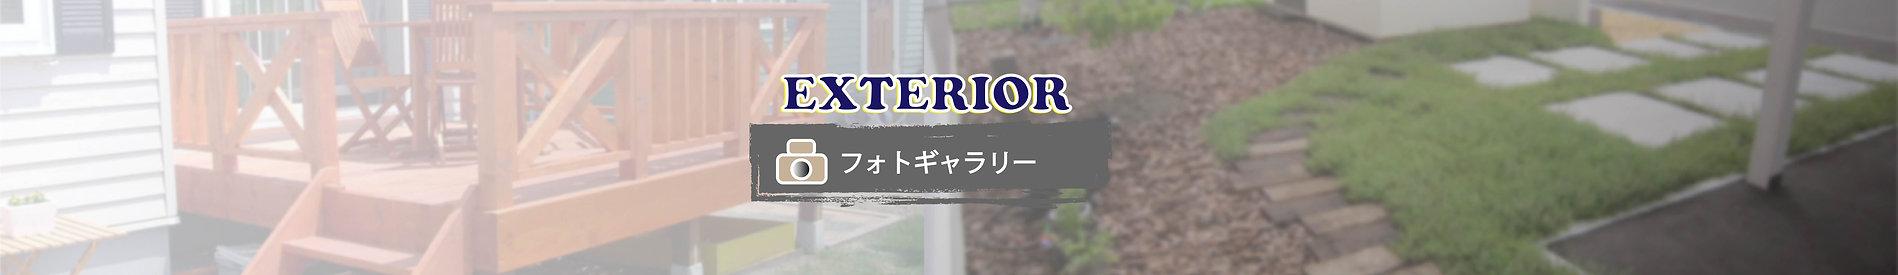 エクステリア_R.jpg